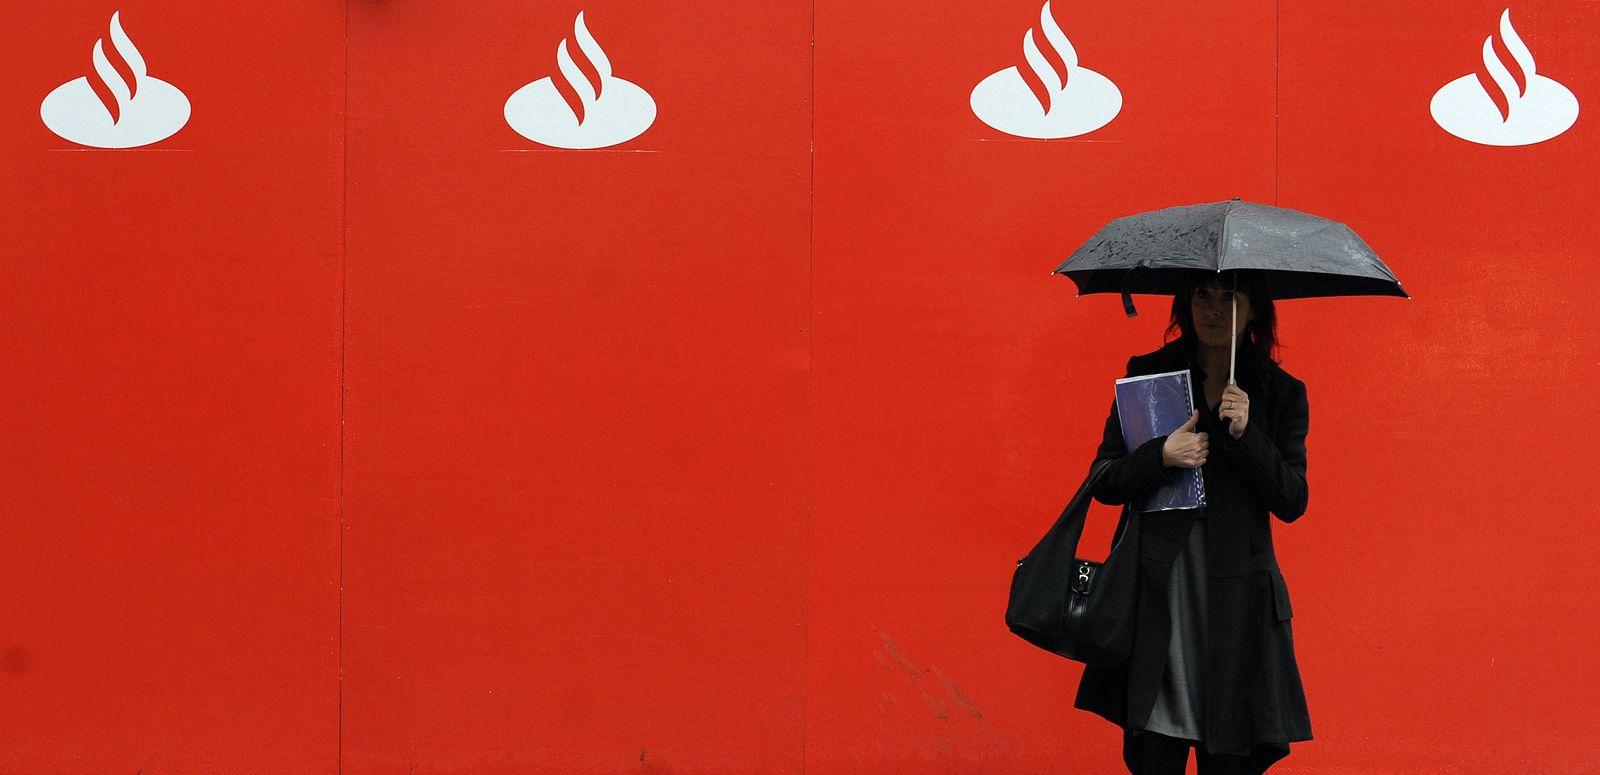 Santander Spanish banks